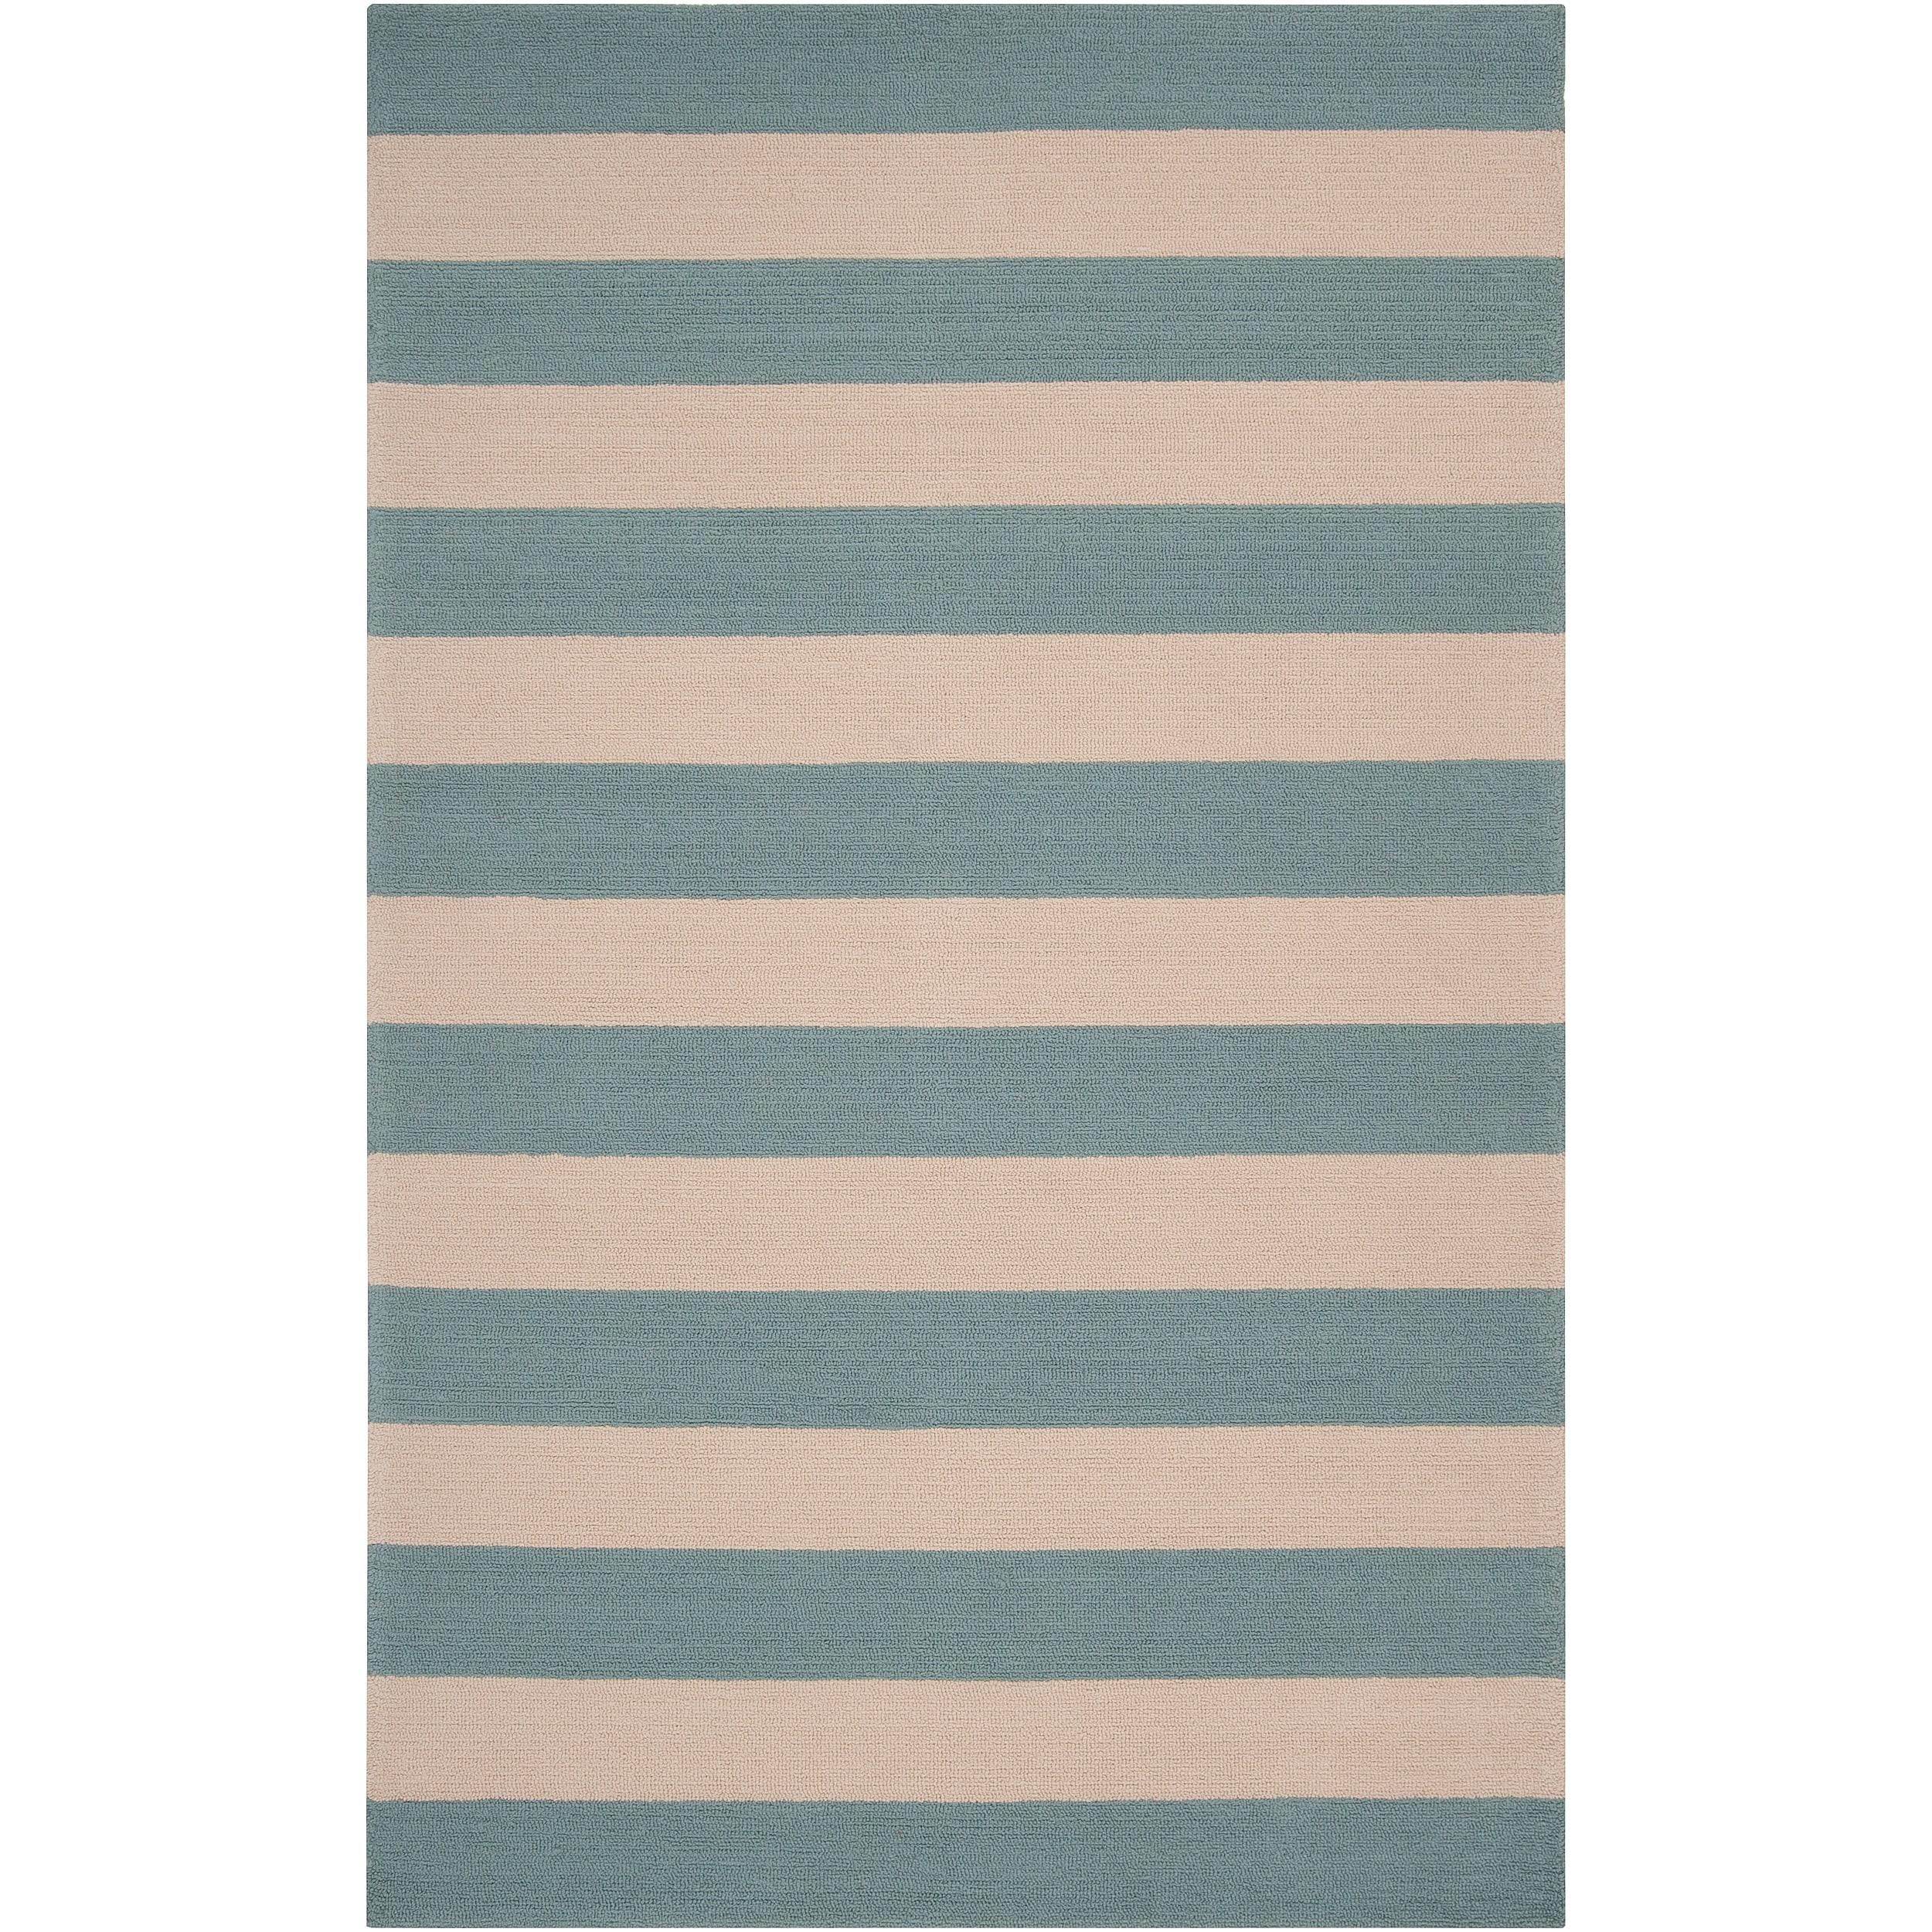 Hand-hooked Blue Maligne Indoor/Outdoor Stripe Rug (5' x 8')